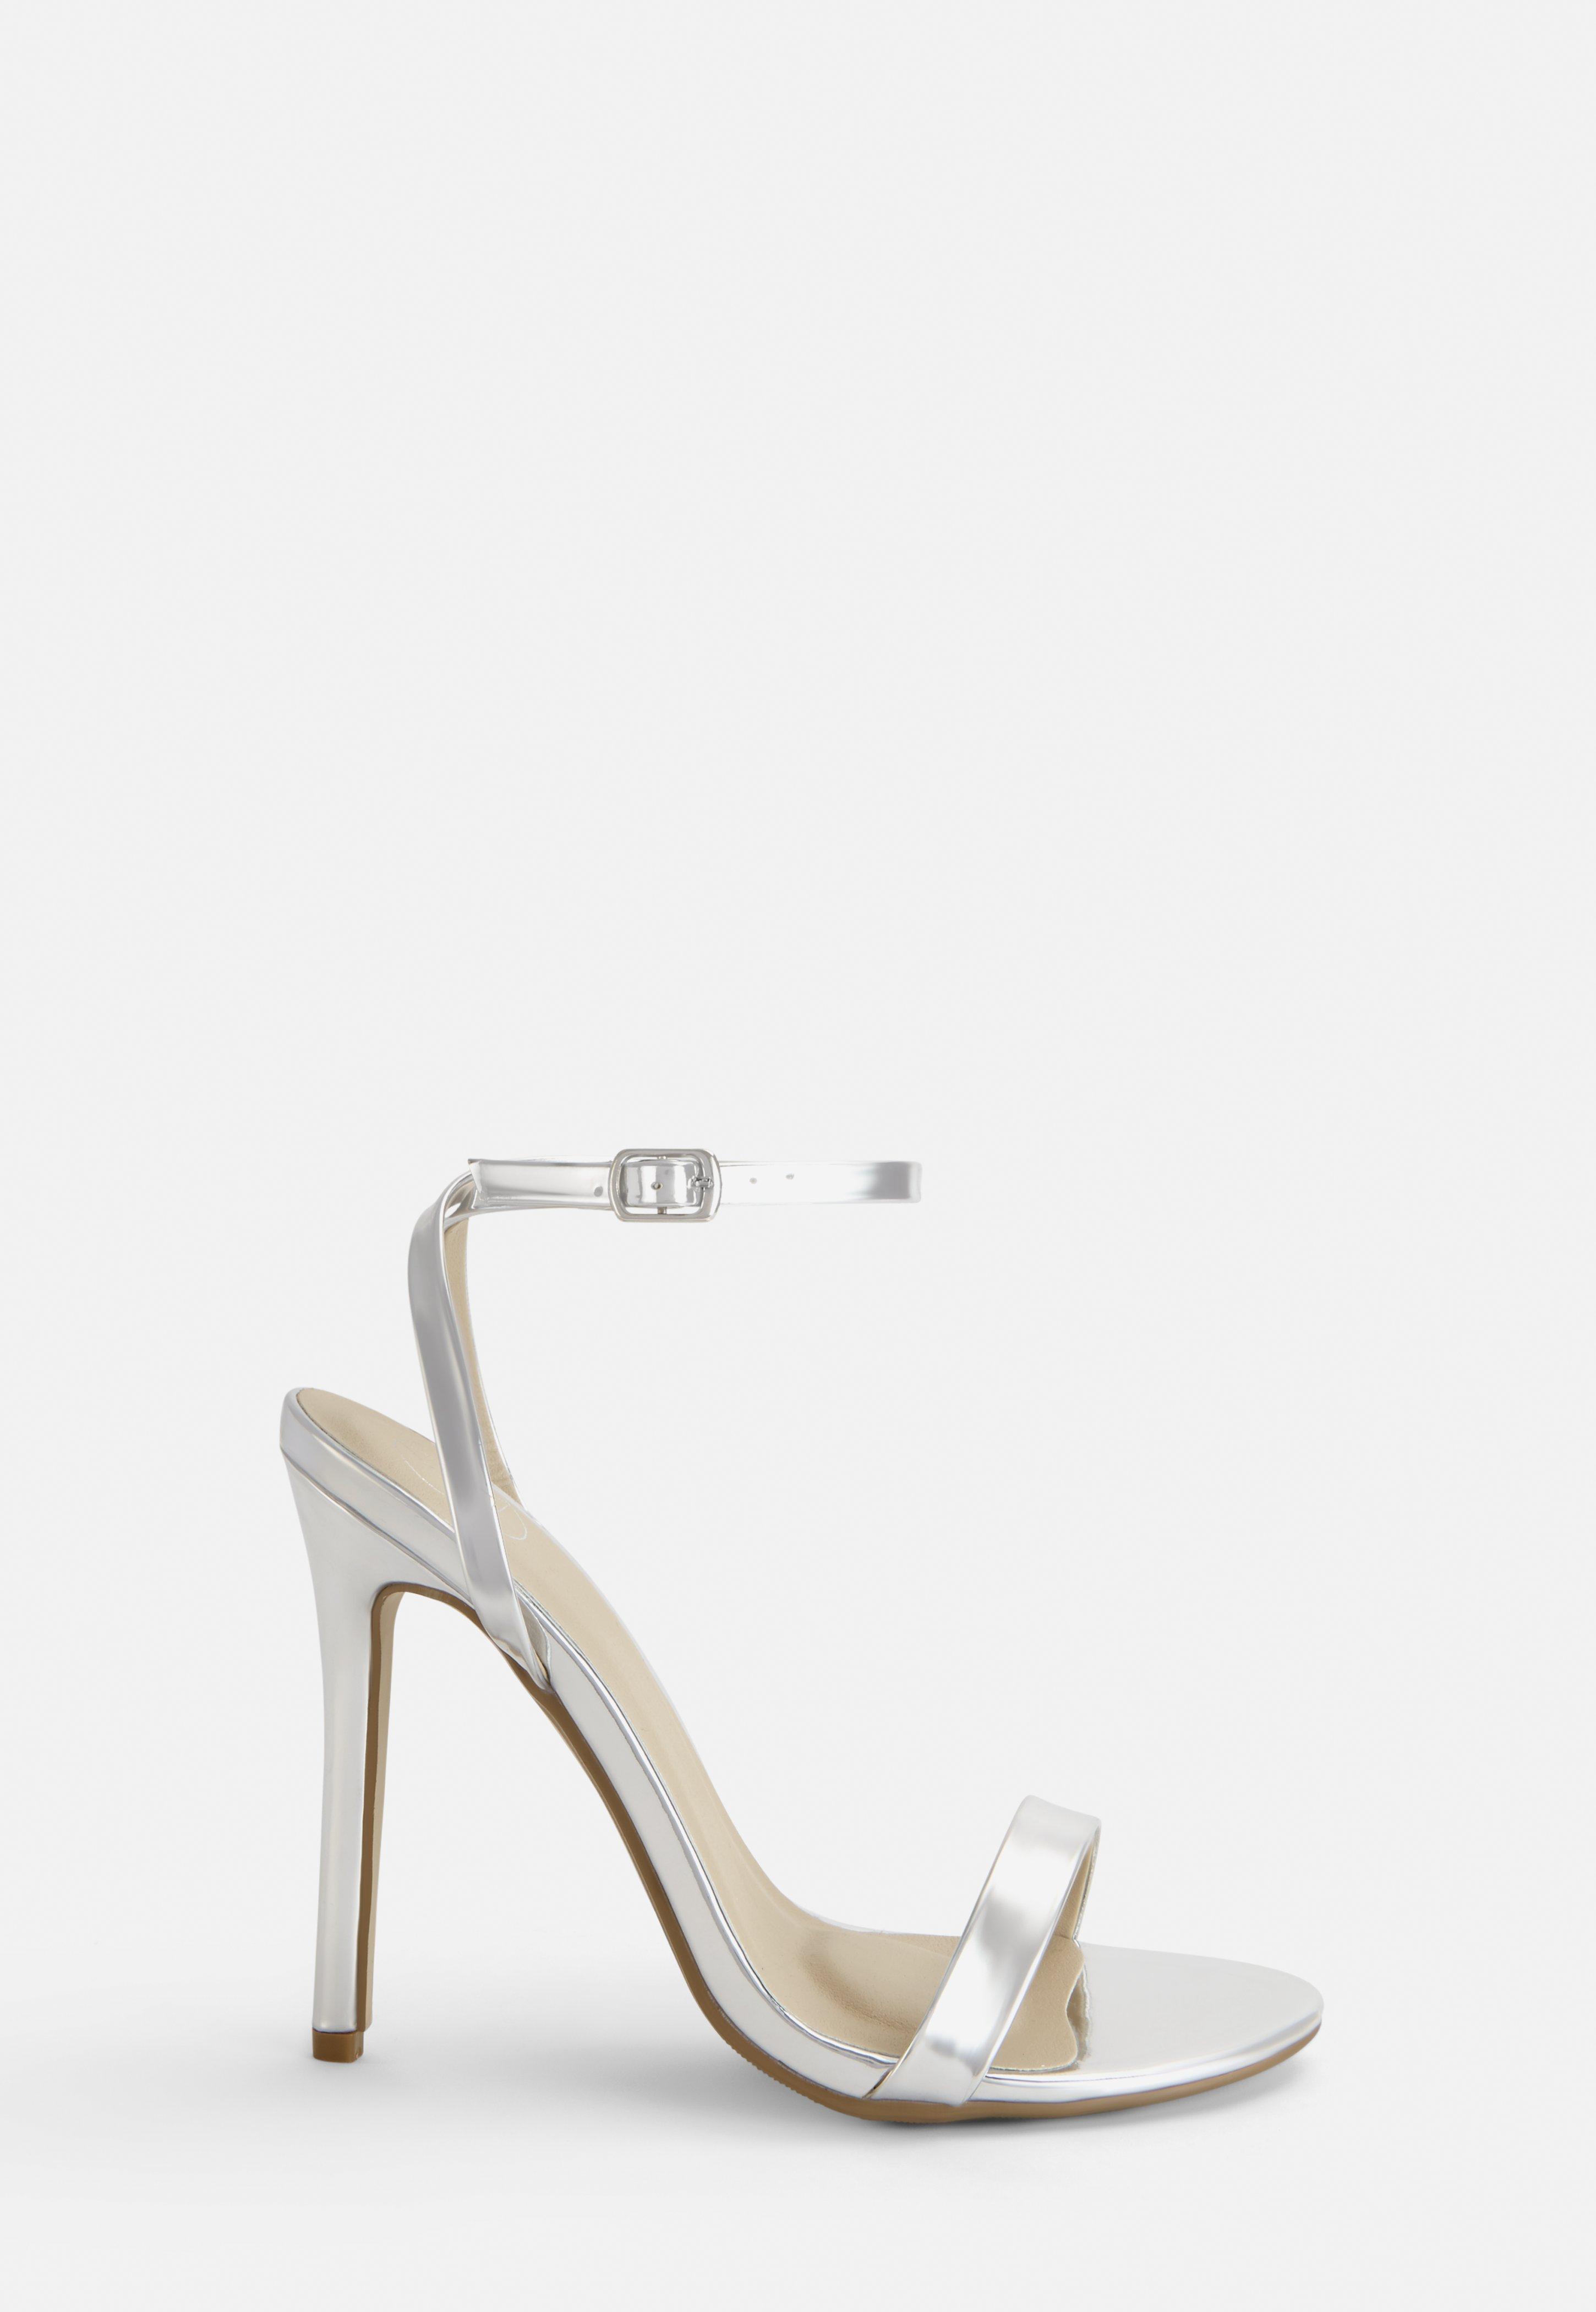 cfad3449727f4 Shoes | Women's Footwear Online UK - Missguided